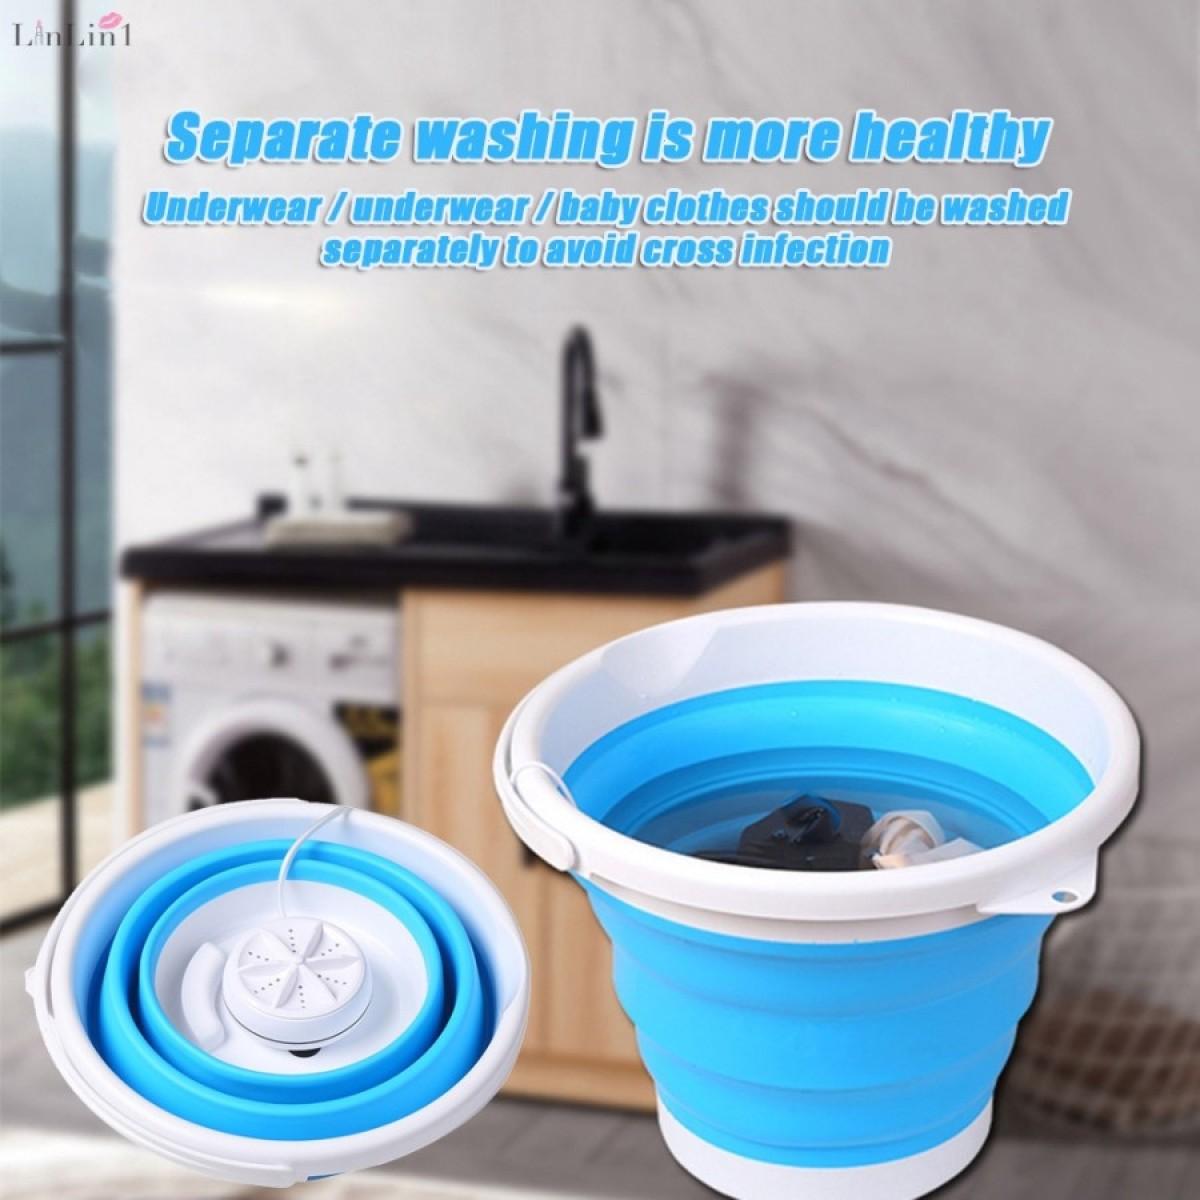 Mesin Cuci Portable Washing Machine usb - Bunda Ina Shop